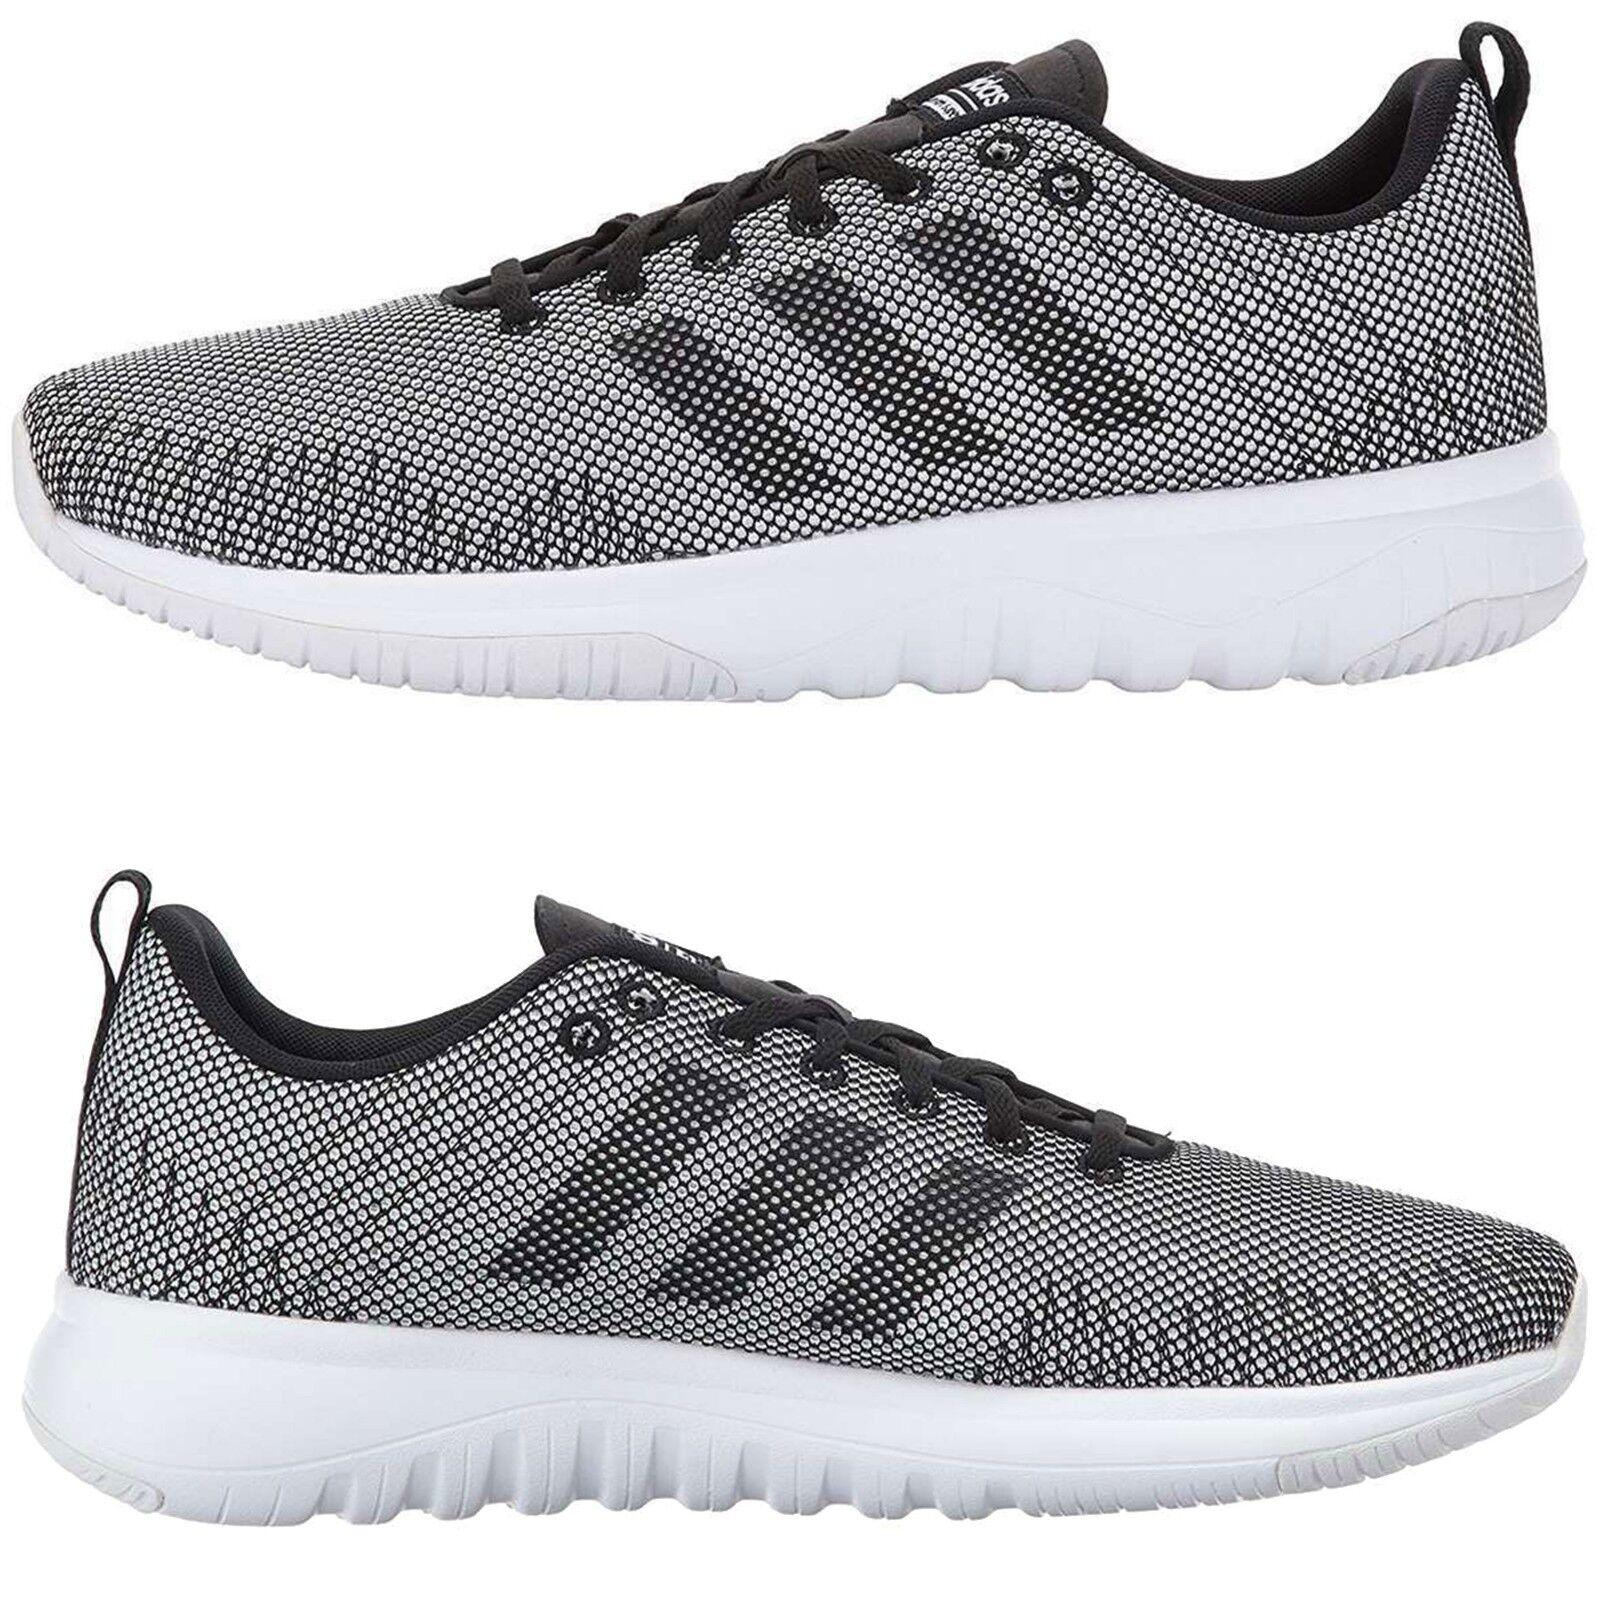 Calzado atlético adidas mujer Cloudfoam Superflex Zapatillas gris blancoo blancoo blancoo Nuevo  hasta 60% de descuento